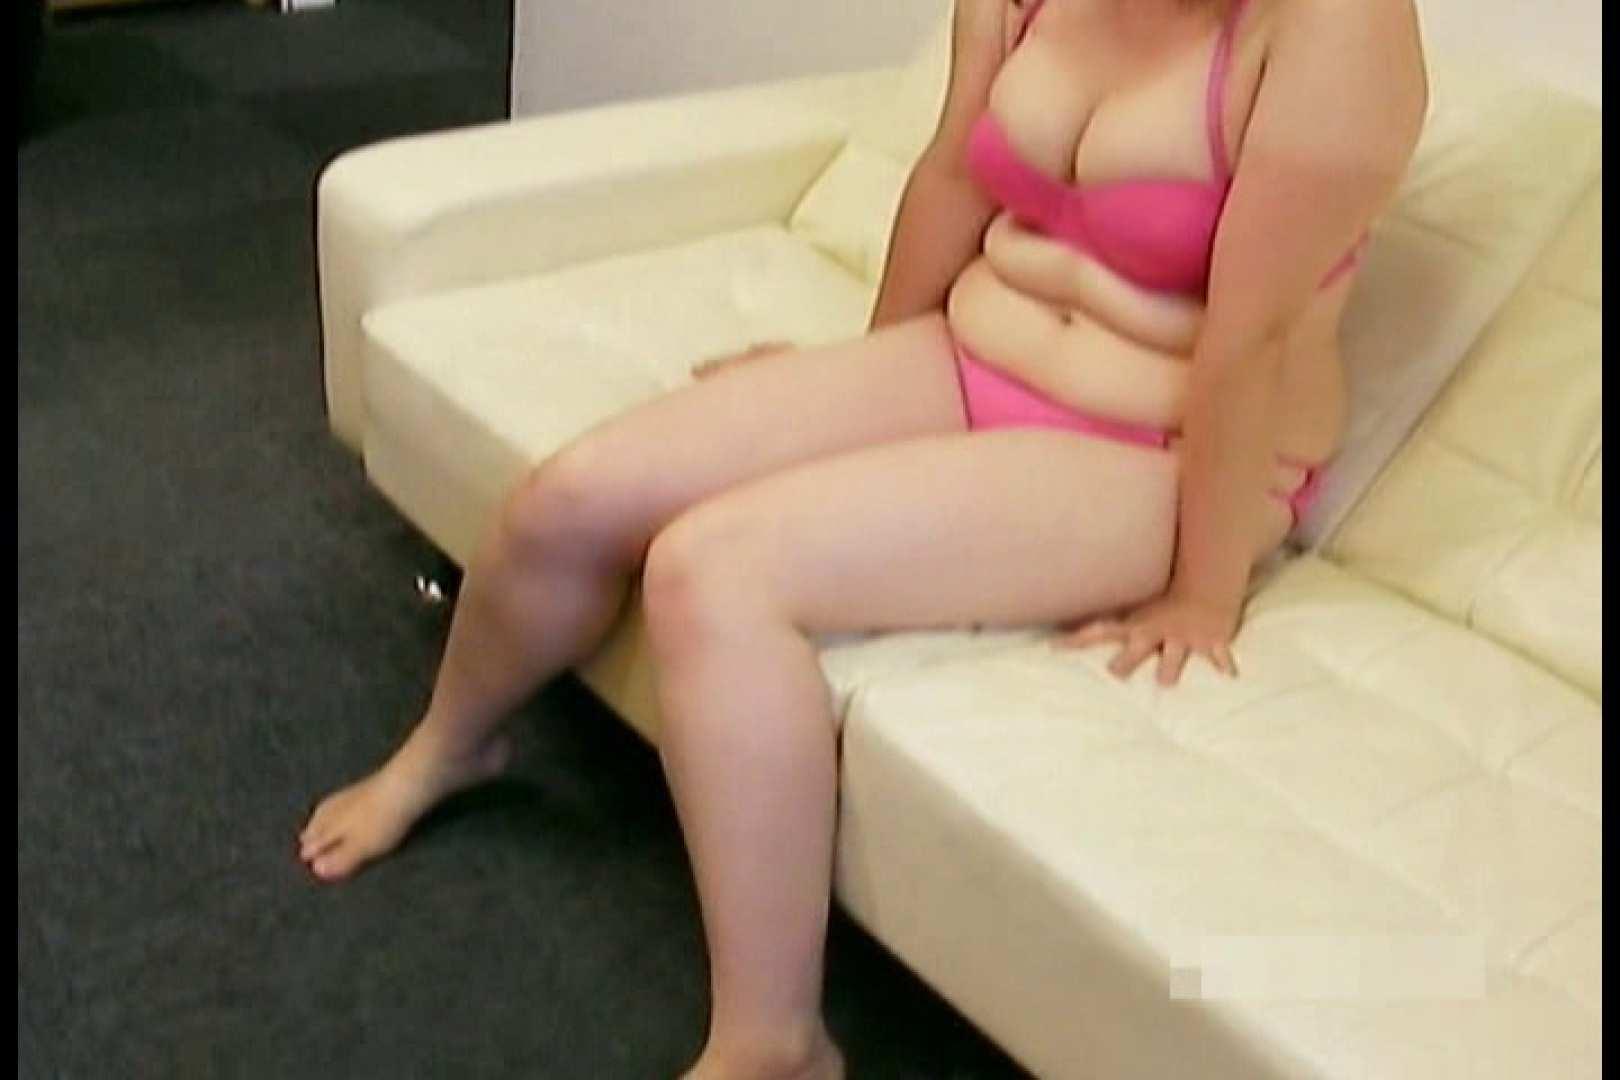 素人撮影 下着だけの撮影のはずが・・・えりか18歳 素人 アダルト動画キャプチャ 112枚 50